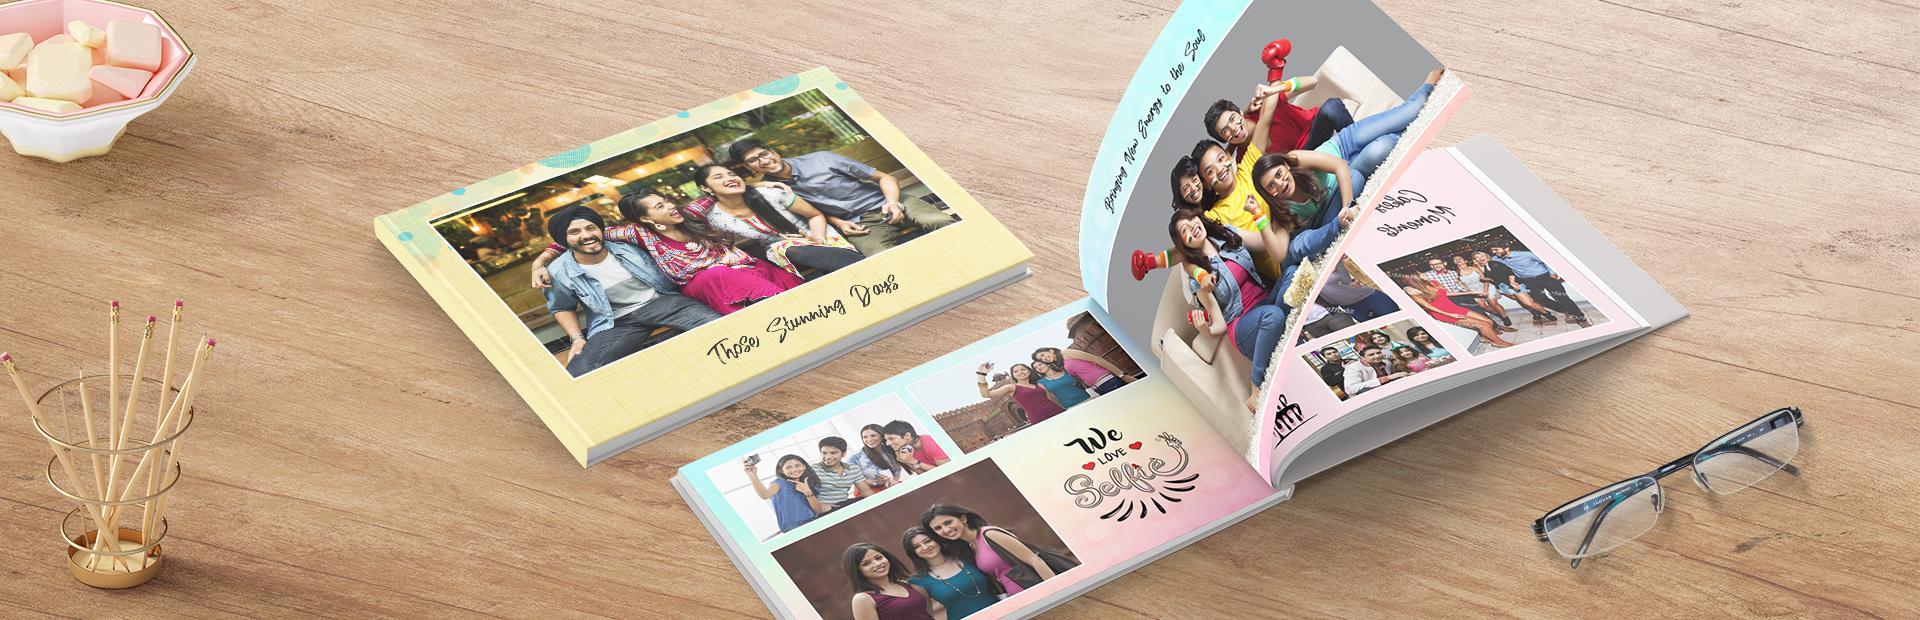 Friends Forever Custom Photo Books